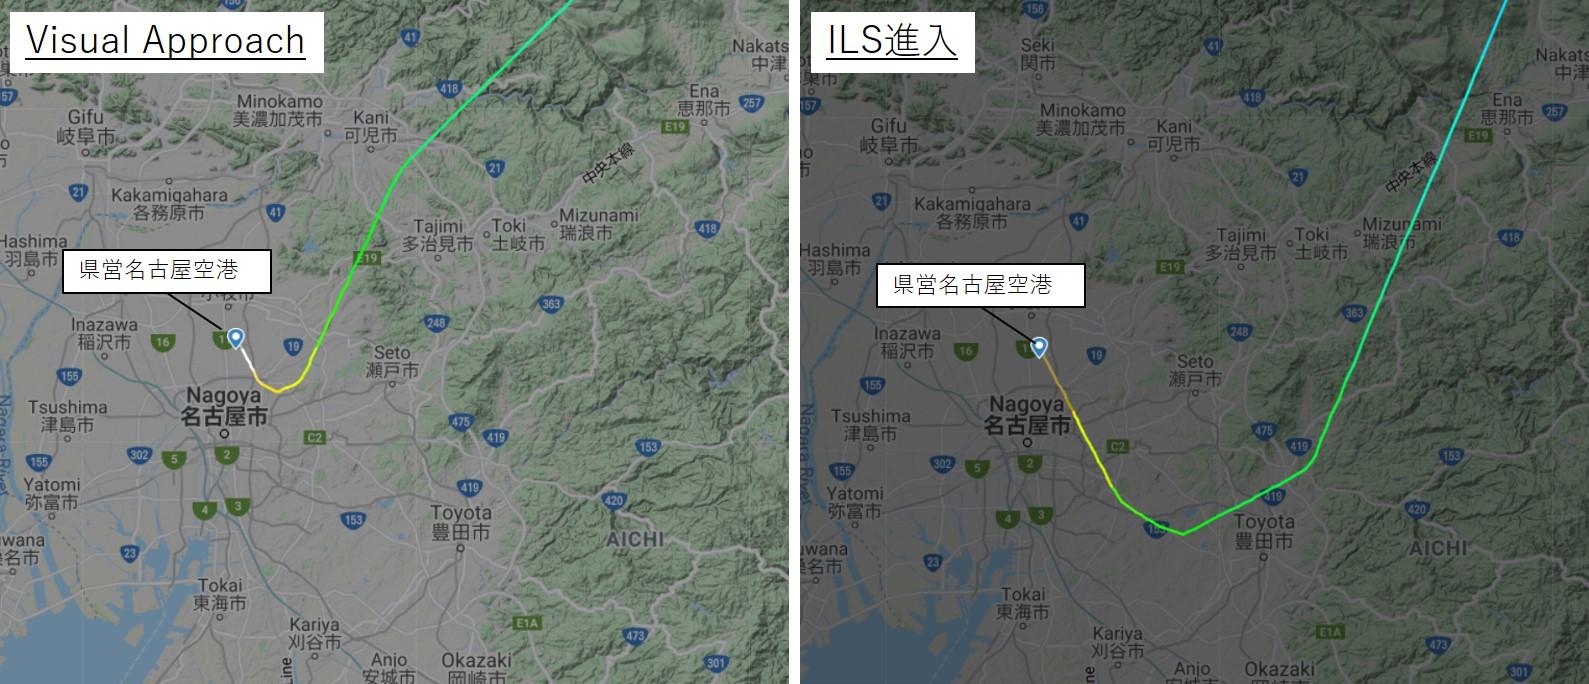 県営名古屋空港のVisual ApproachとILS進入の例